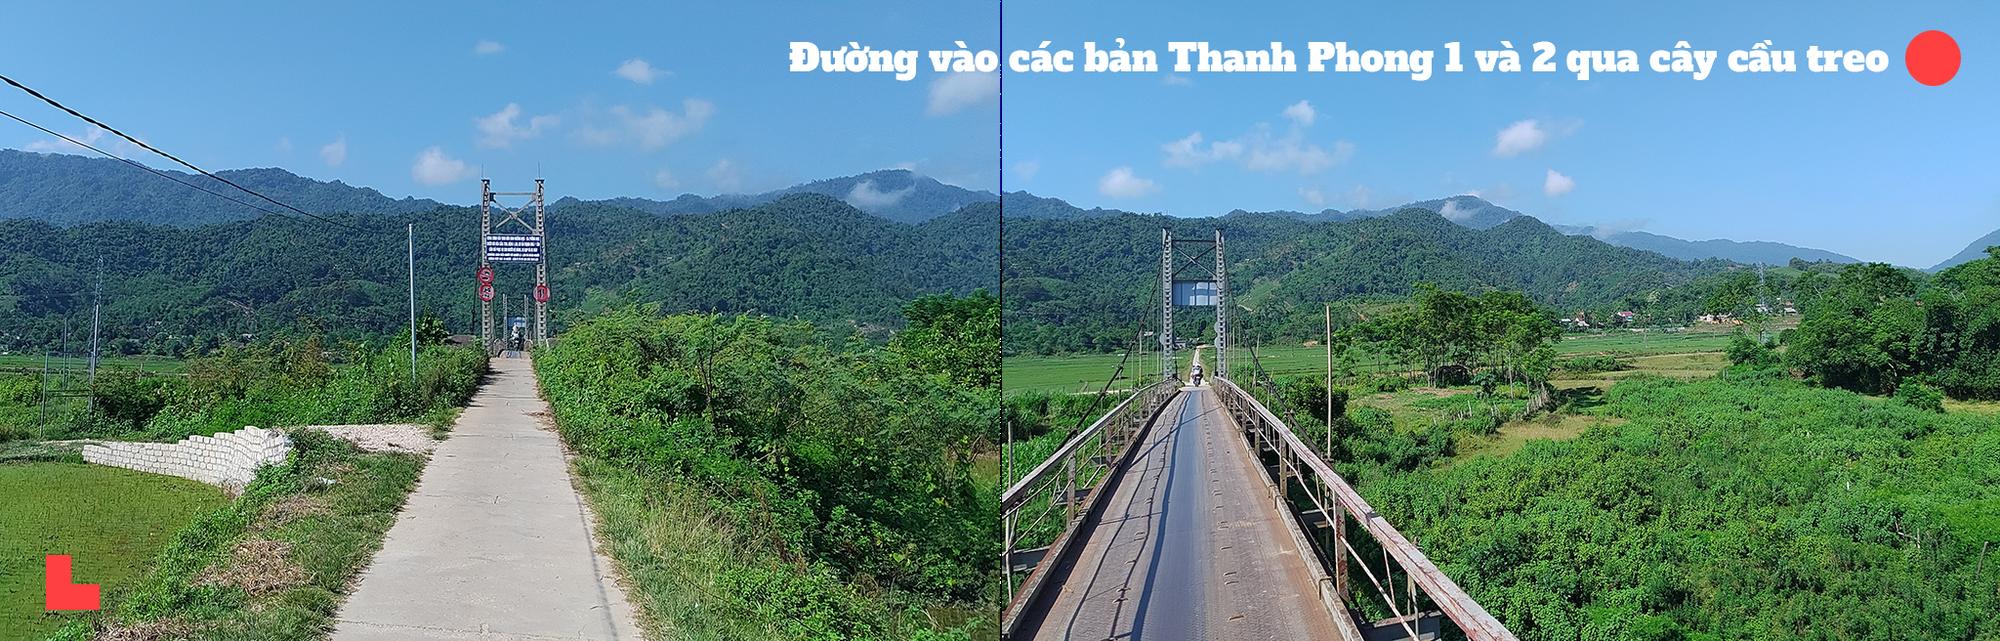 Nghệ An: Dân ở đây không dám bén mảng ra những con đường la liệt kim tiêm - Ảnh 3.